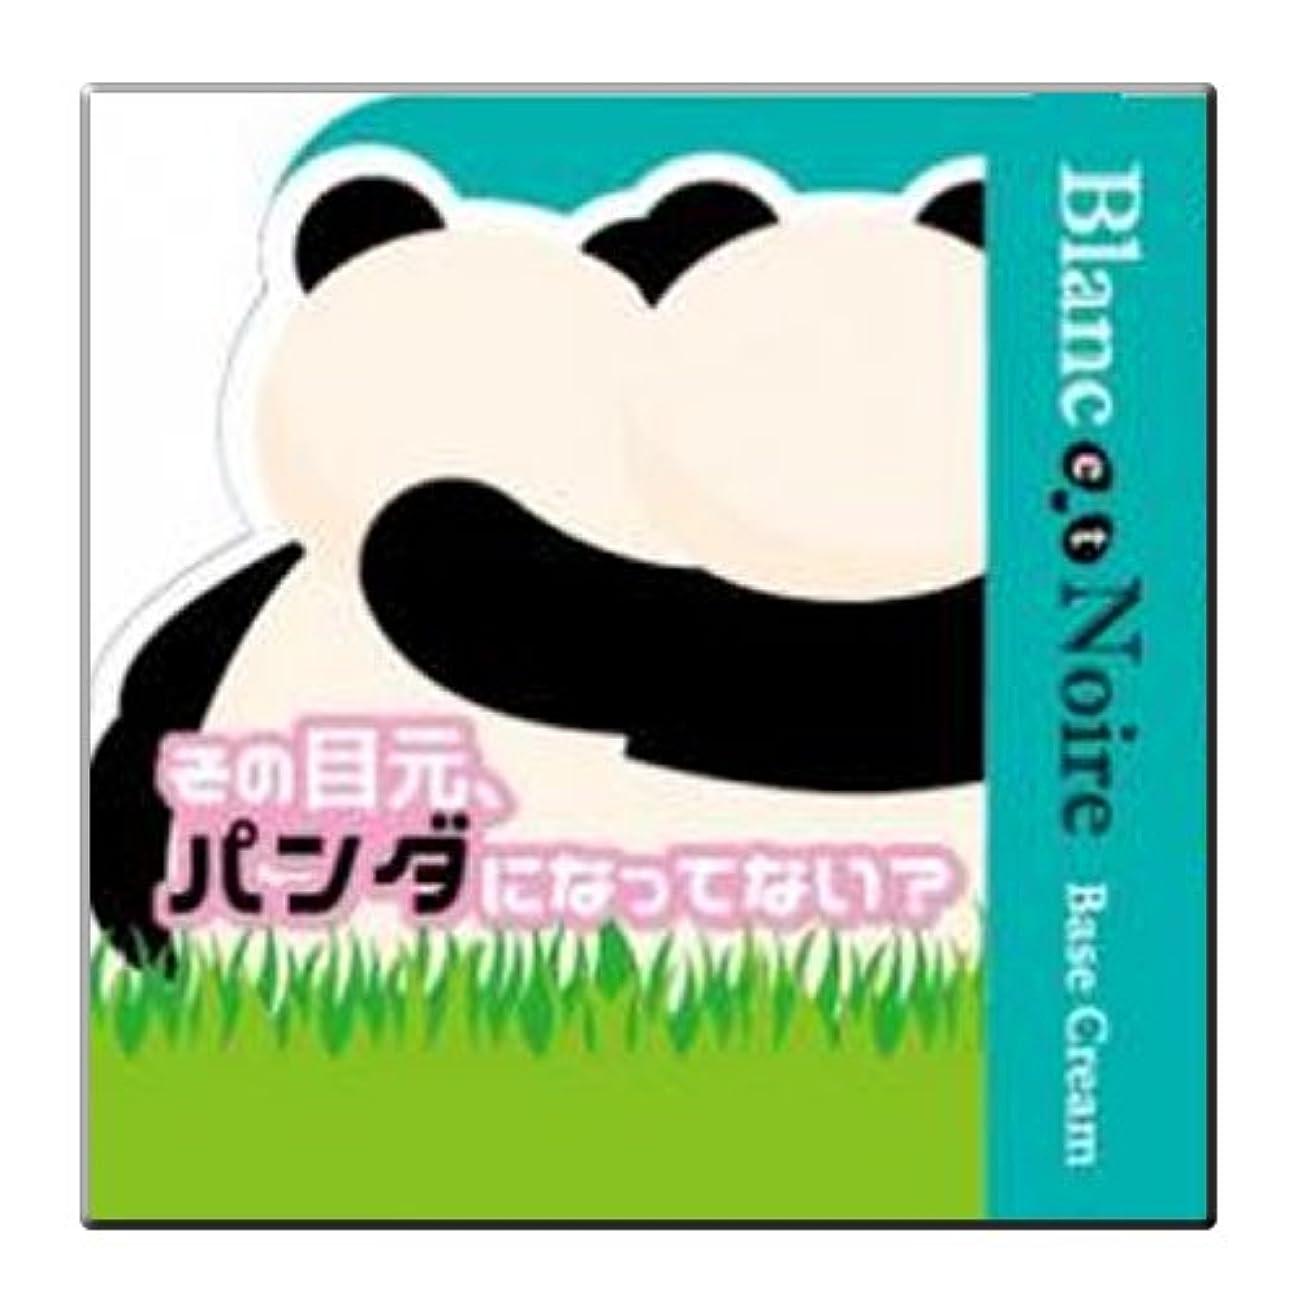 陰謀チョップ超音速Blanc et Noire(ブラン エ ノアール) Base Cream(ベースクリーム) 薬用美白クリームファンデーション 医薬部外品 15g